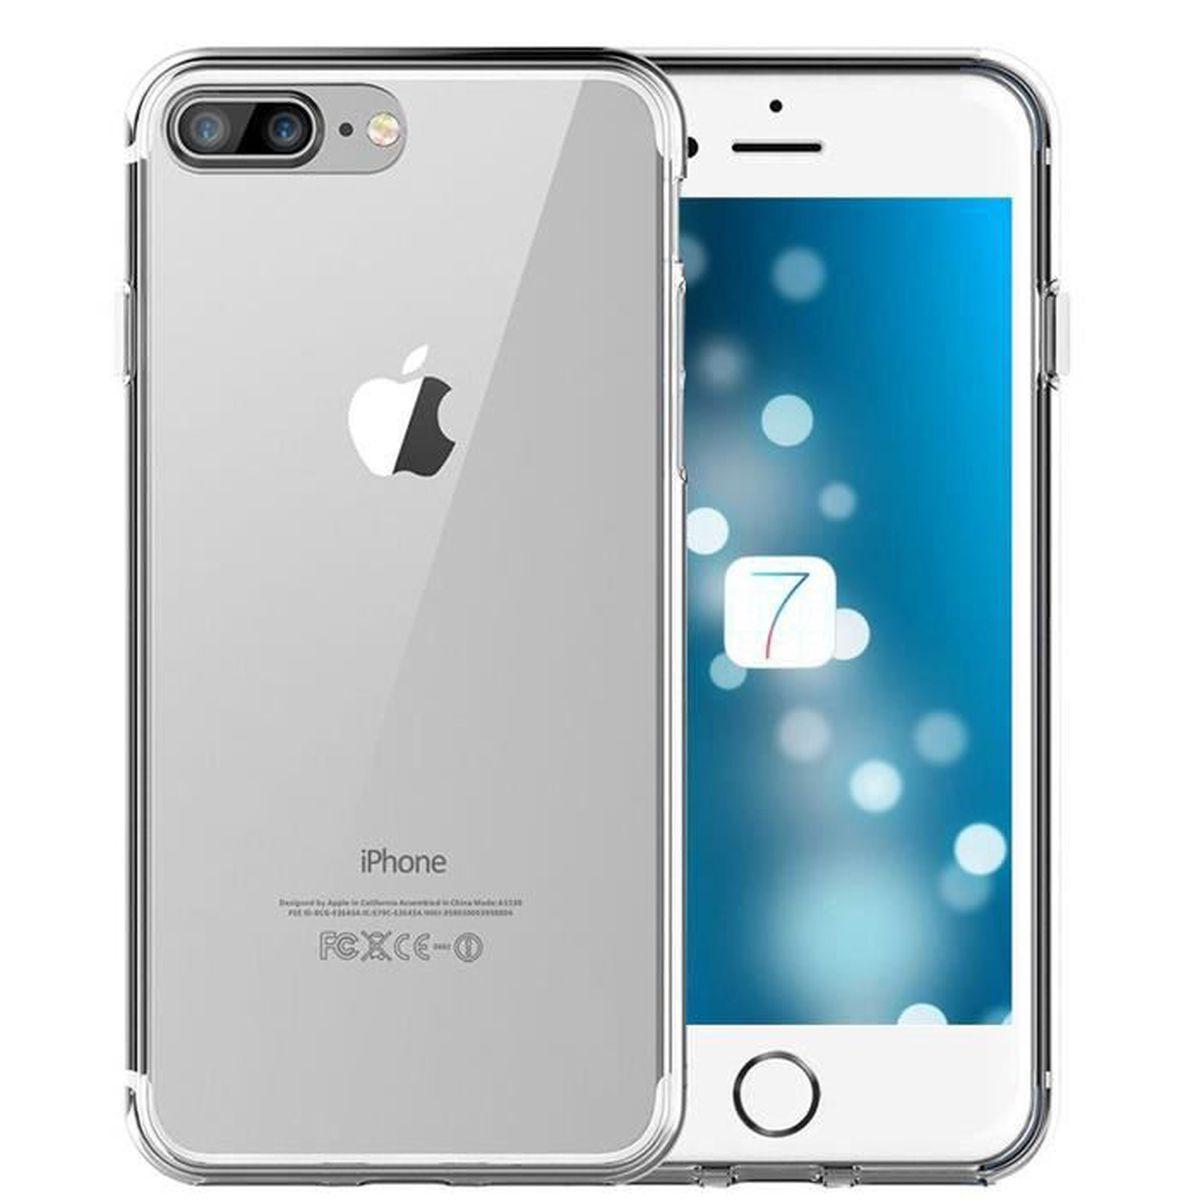 cabling coque iphone 7 plus 2016 tpu souple coque de protection pour apple iphone 7 plus. Black Bedroom Furniture Sets. Home Design Ideas